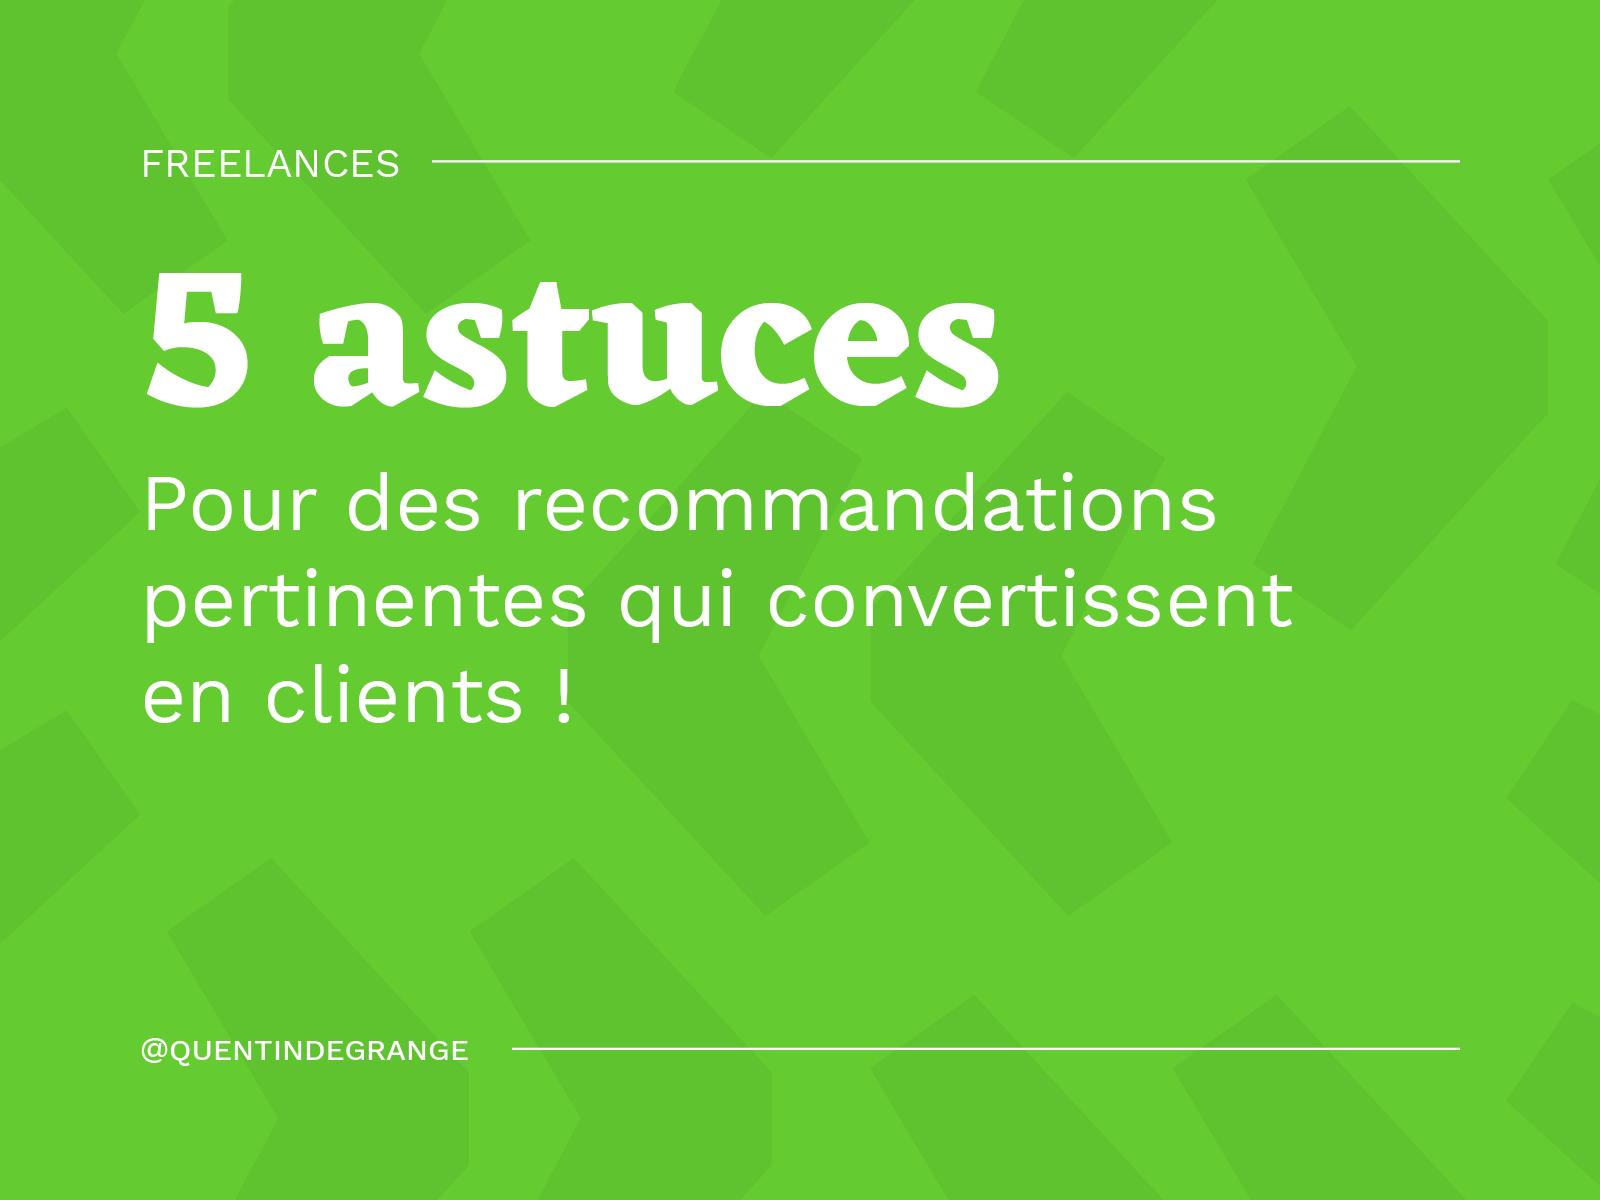 Freelances, 5 astuces pour des recommandations pertinentes qui convertissent en clients !